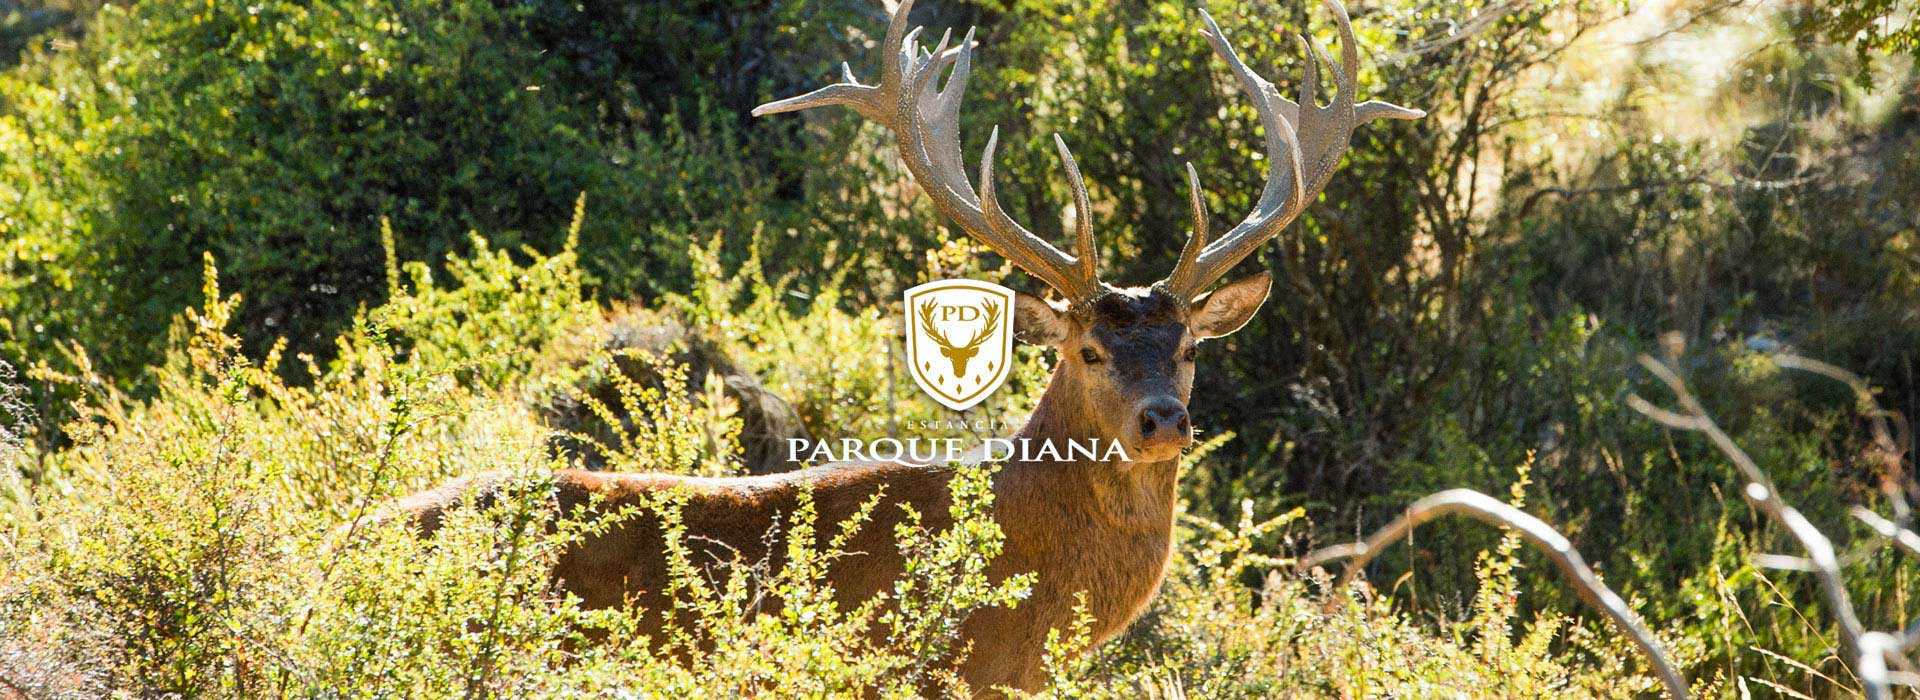 TEO | Parque Diana - Patagonia Argentina